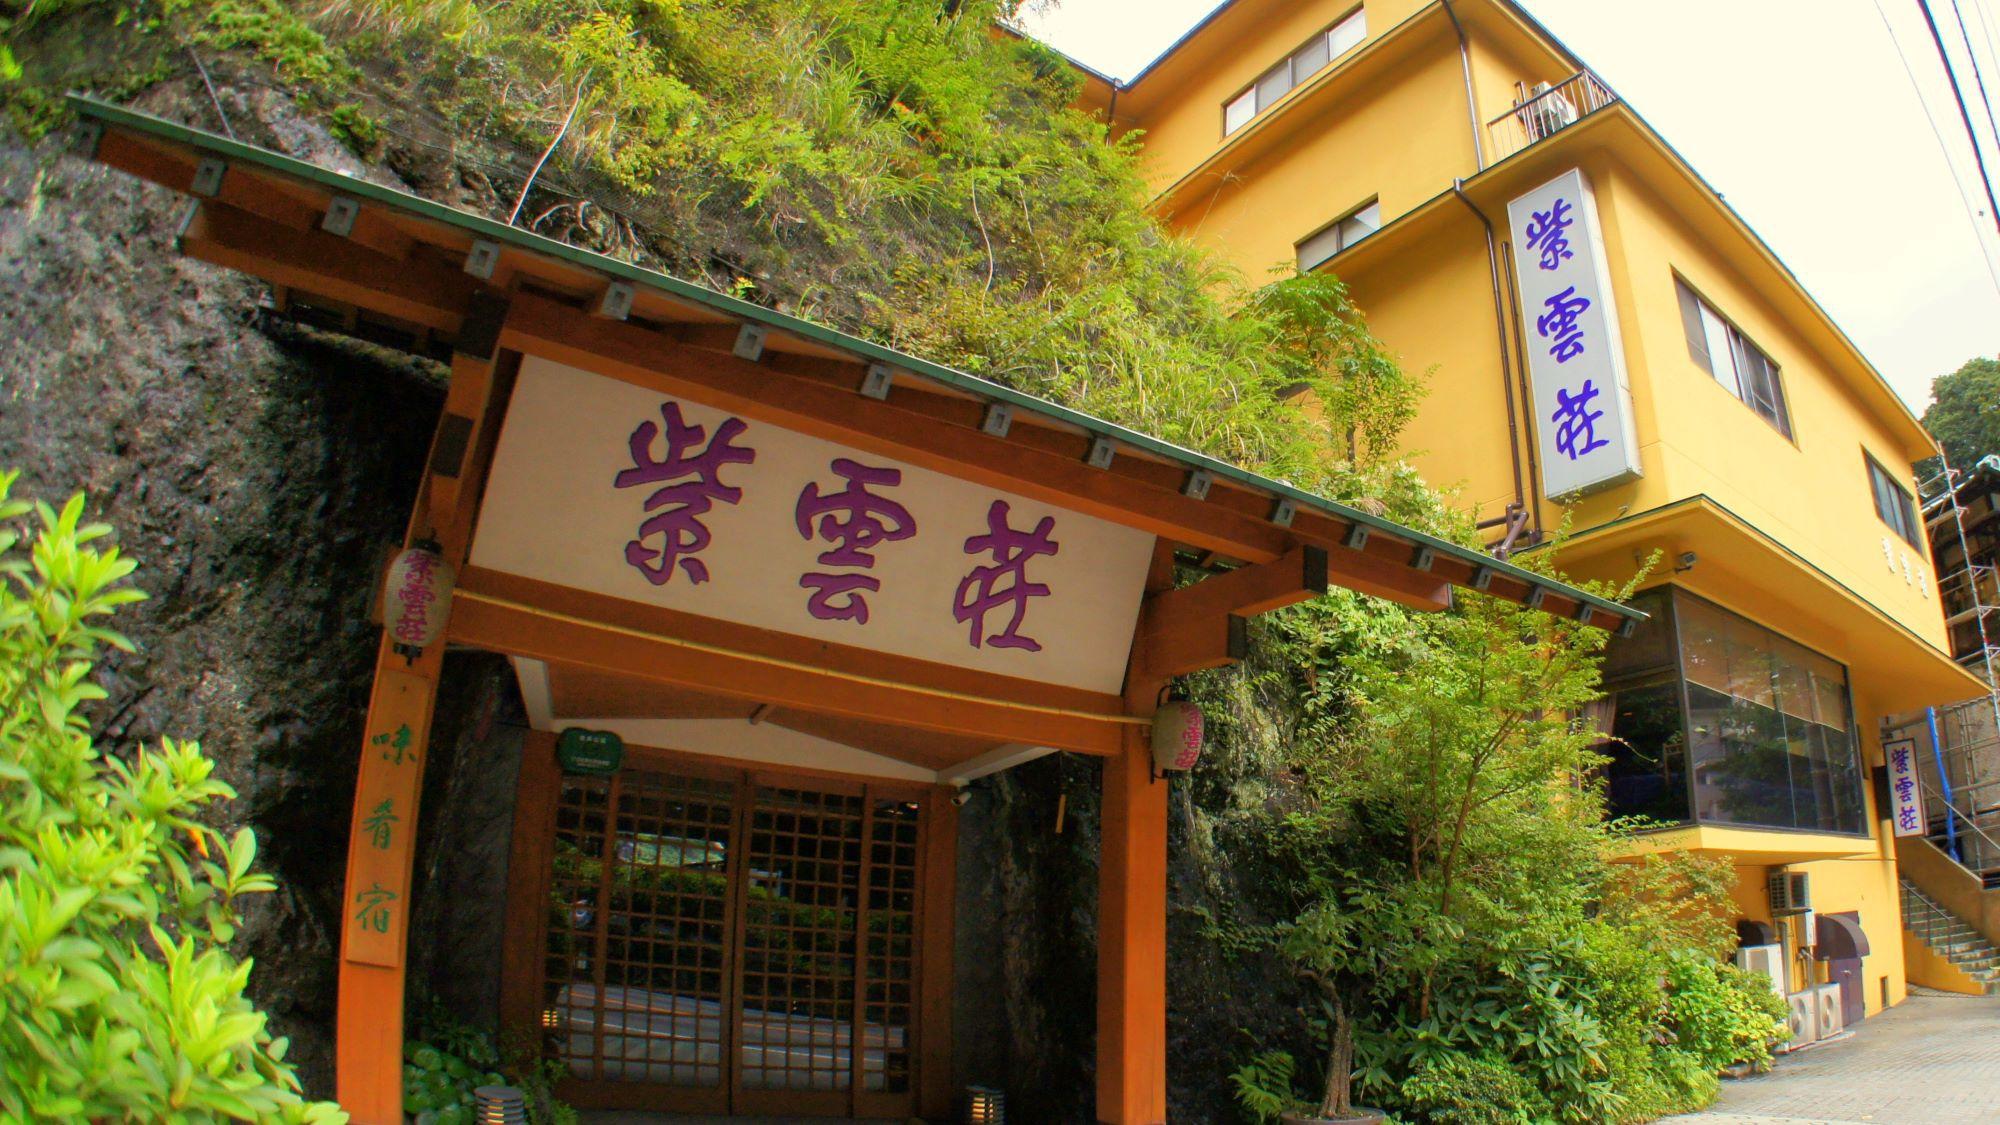 箱根温泉で高齢の祖母にやさしい車いす対応の宿ってありますか?